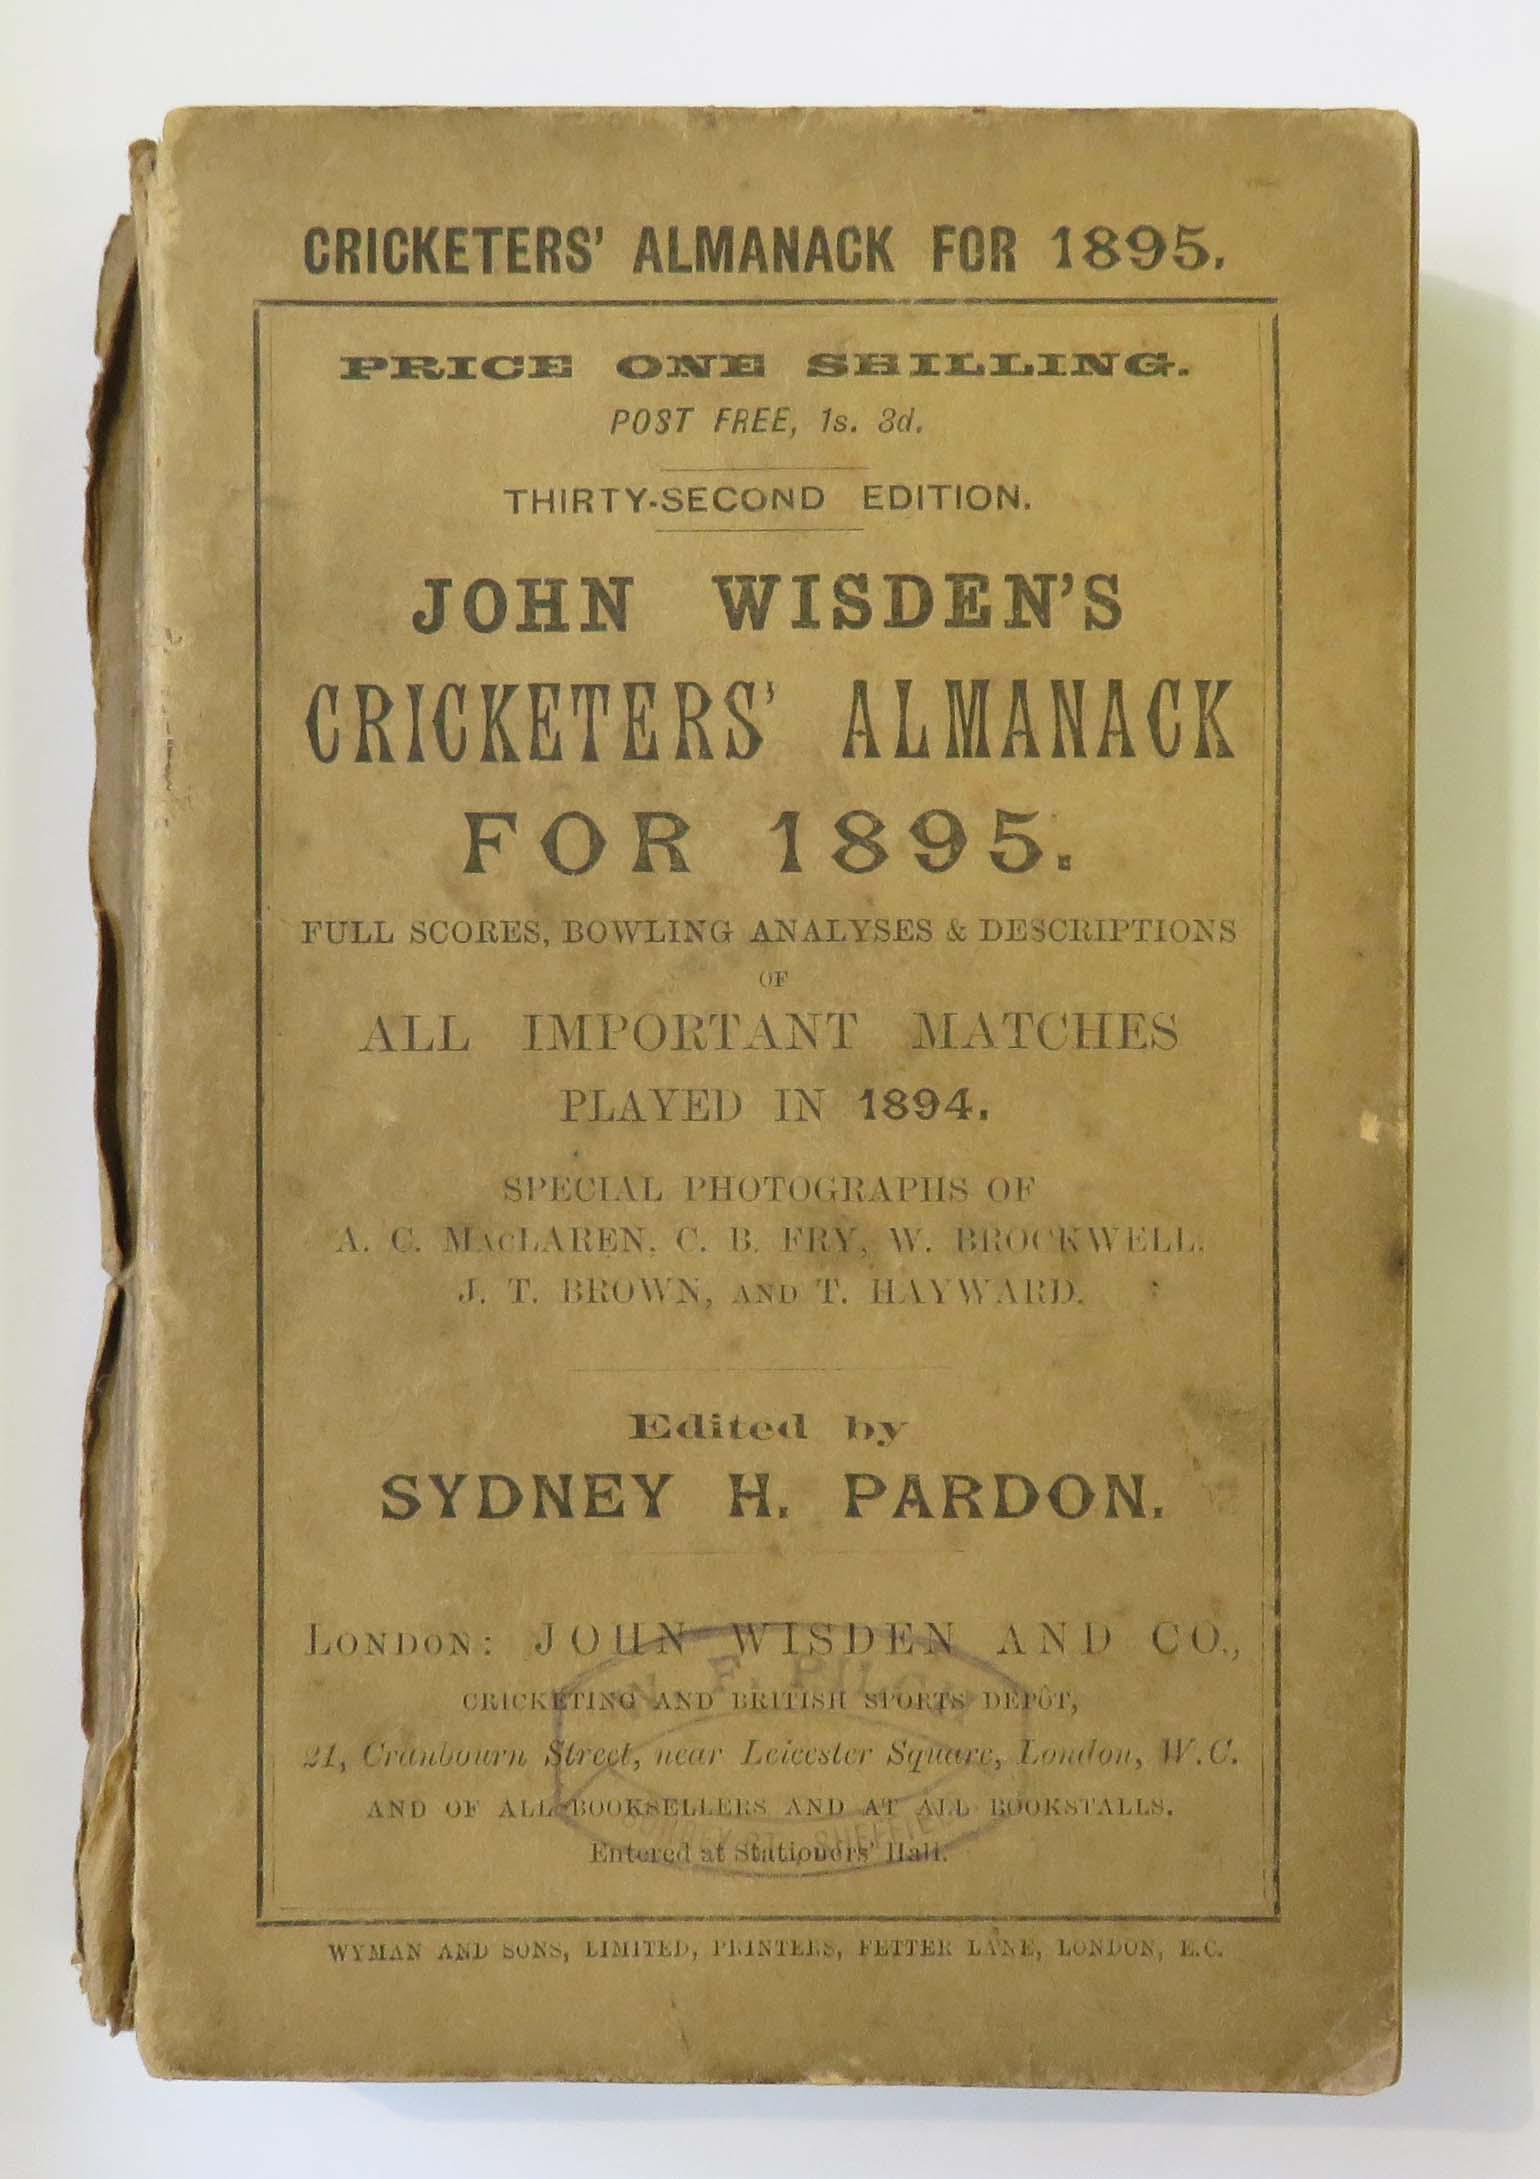 John Wisden's Cricketers' Almanack for 1895